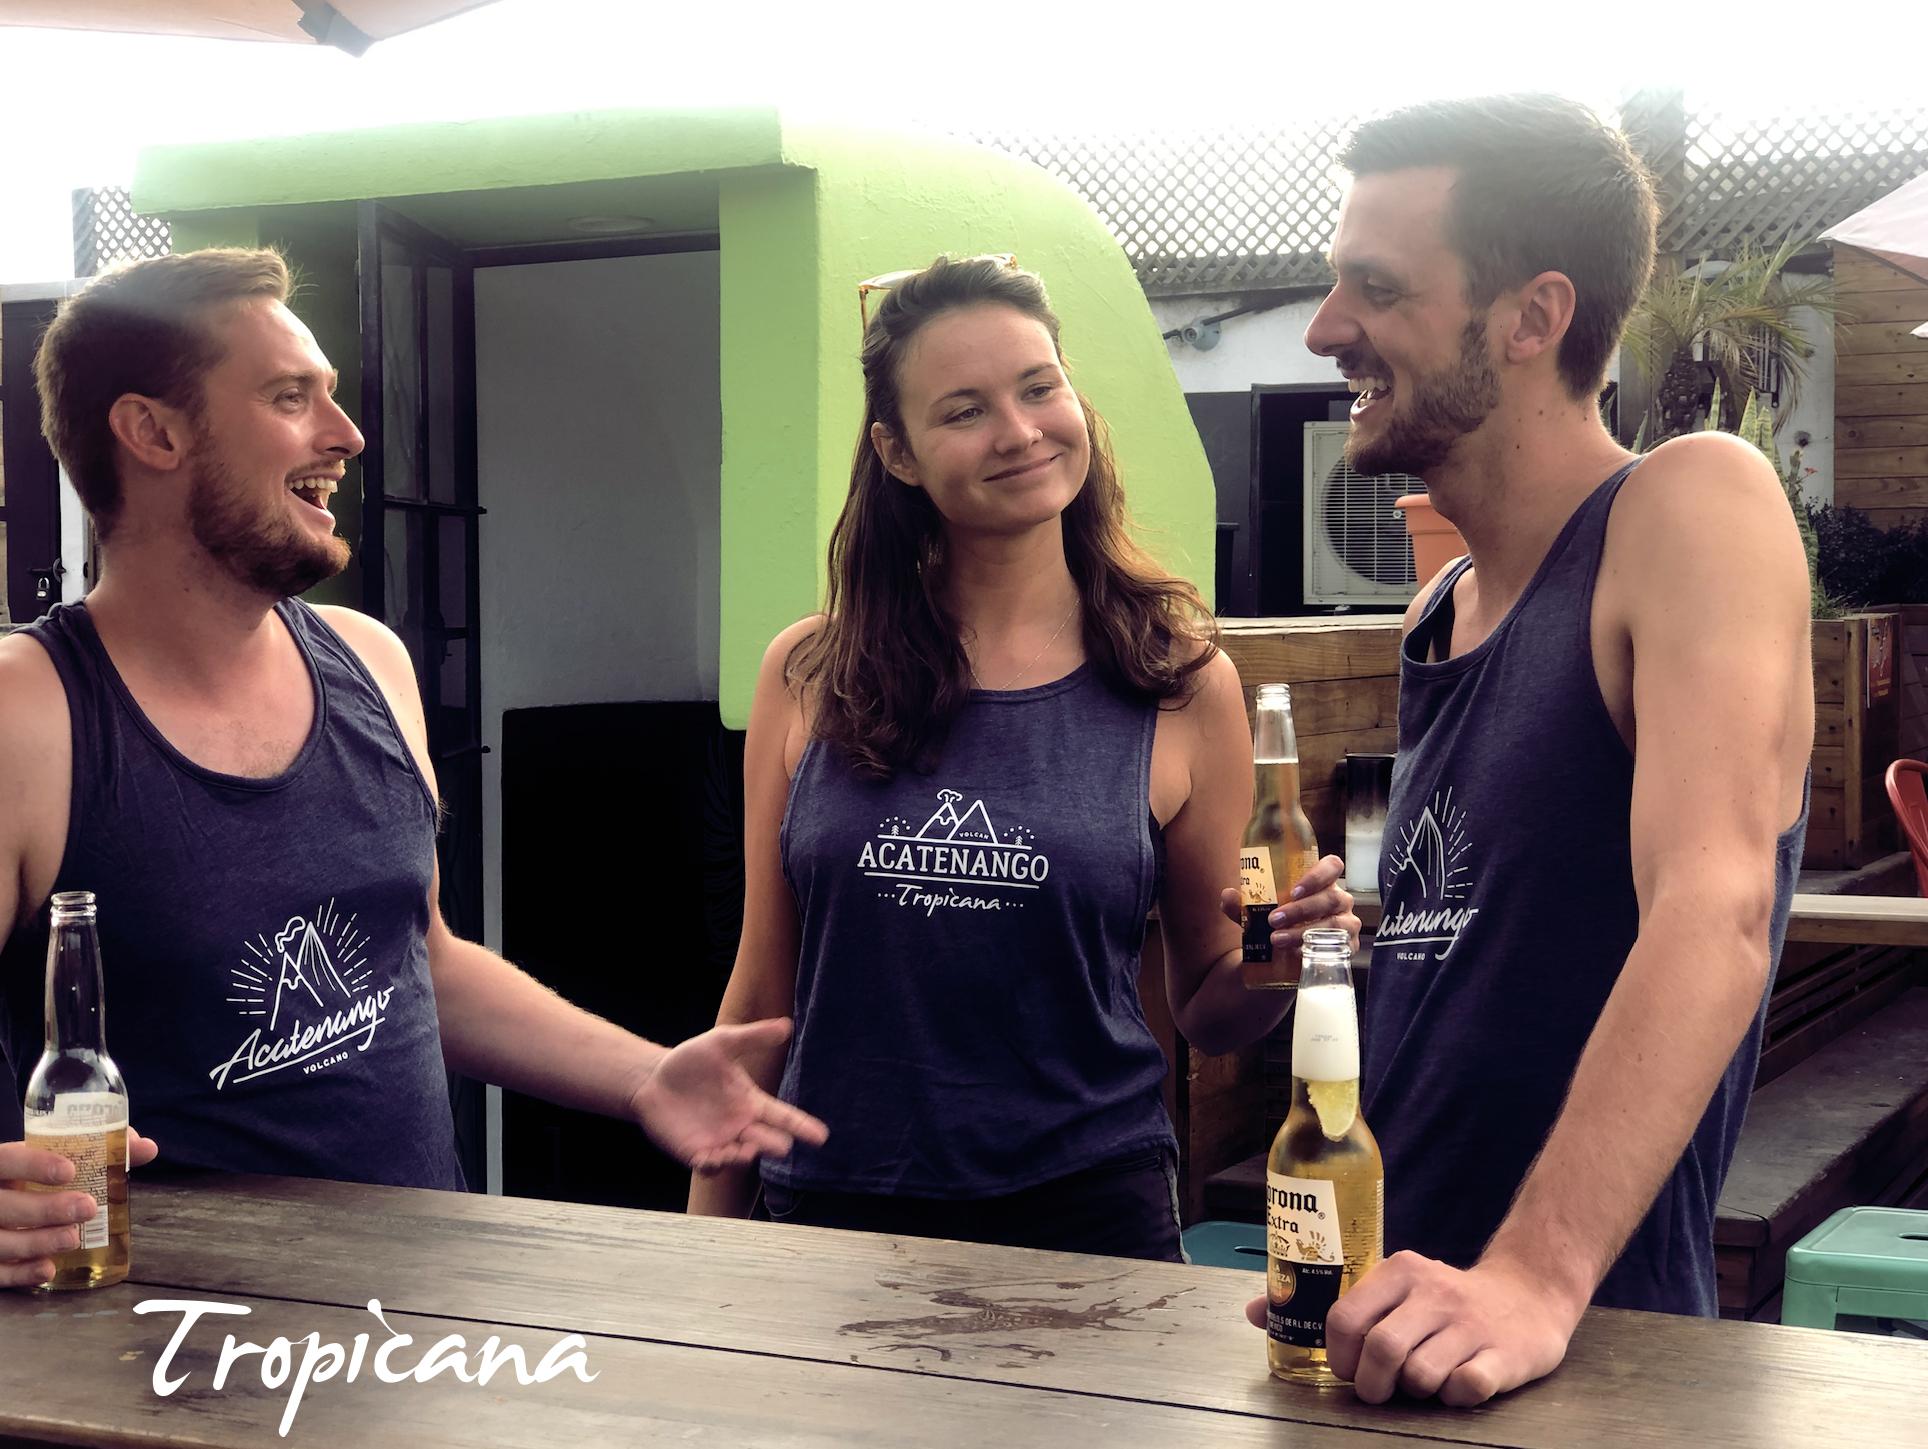 Acatenango T-shirt